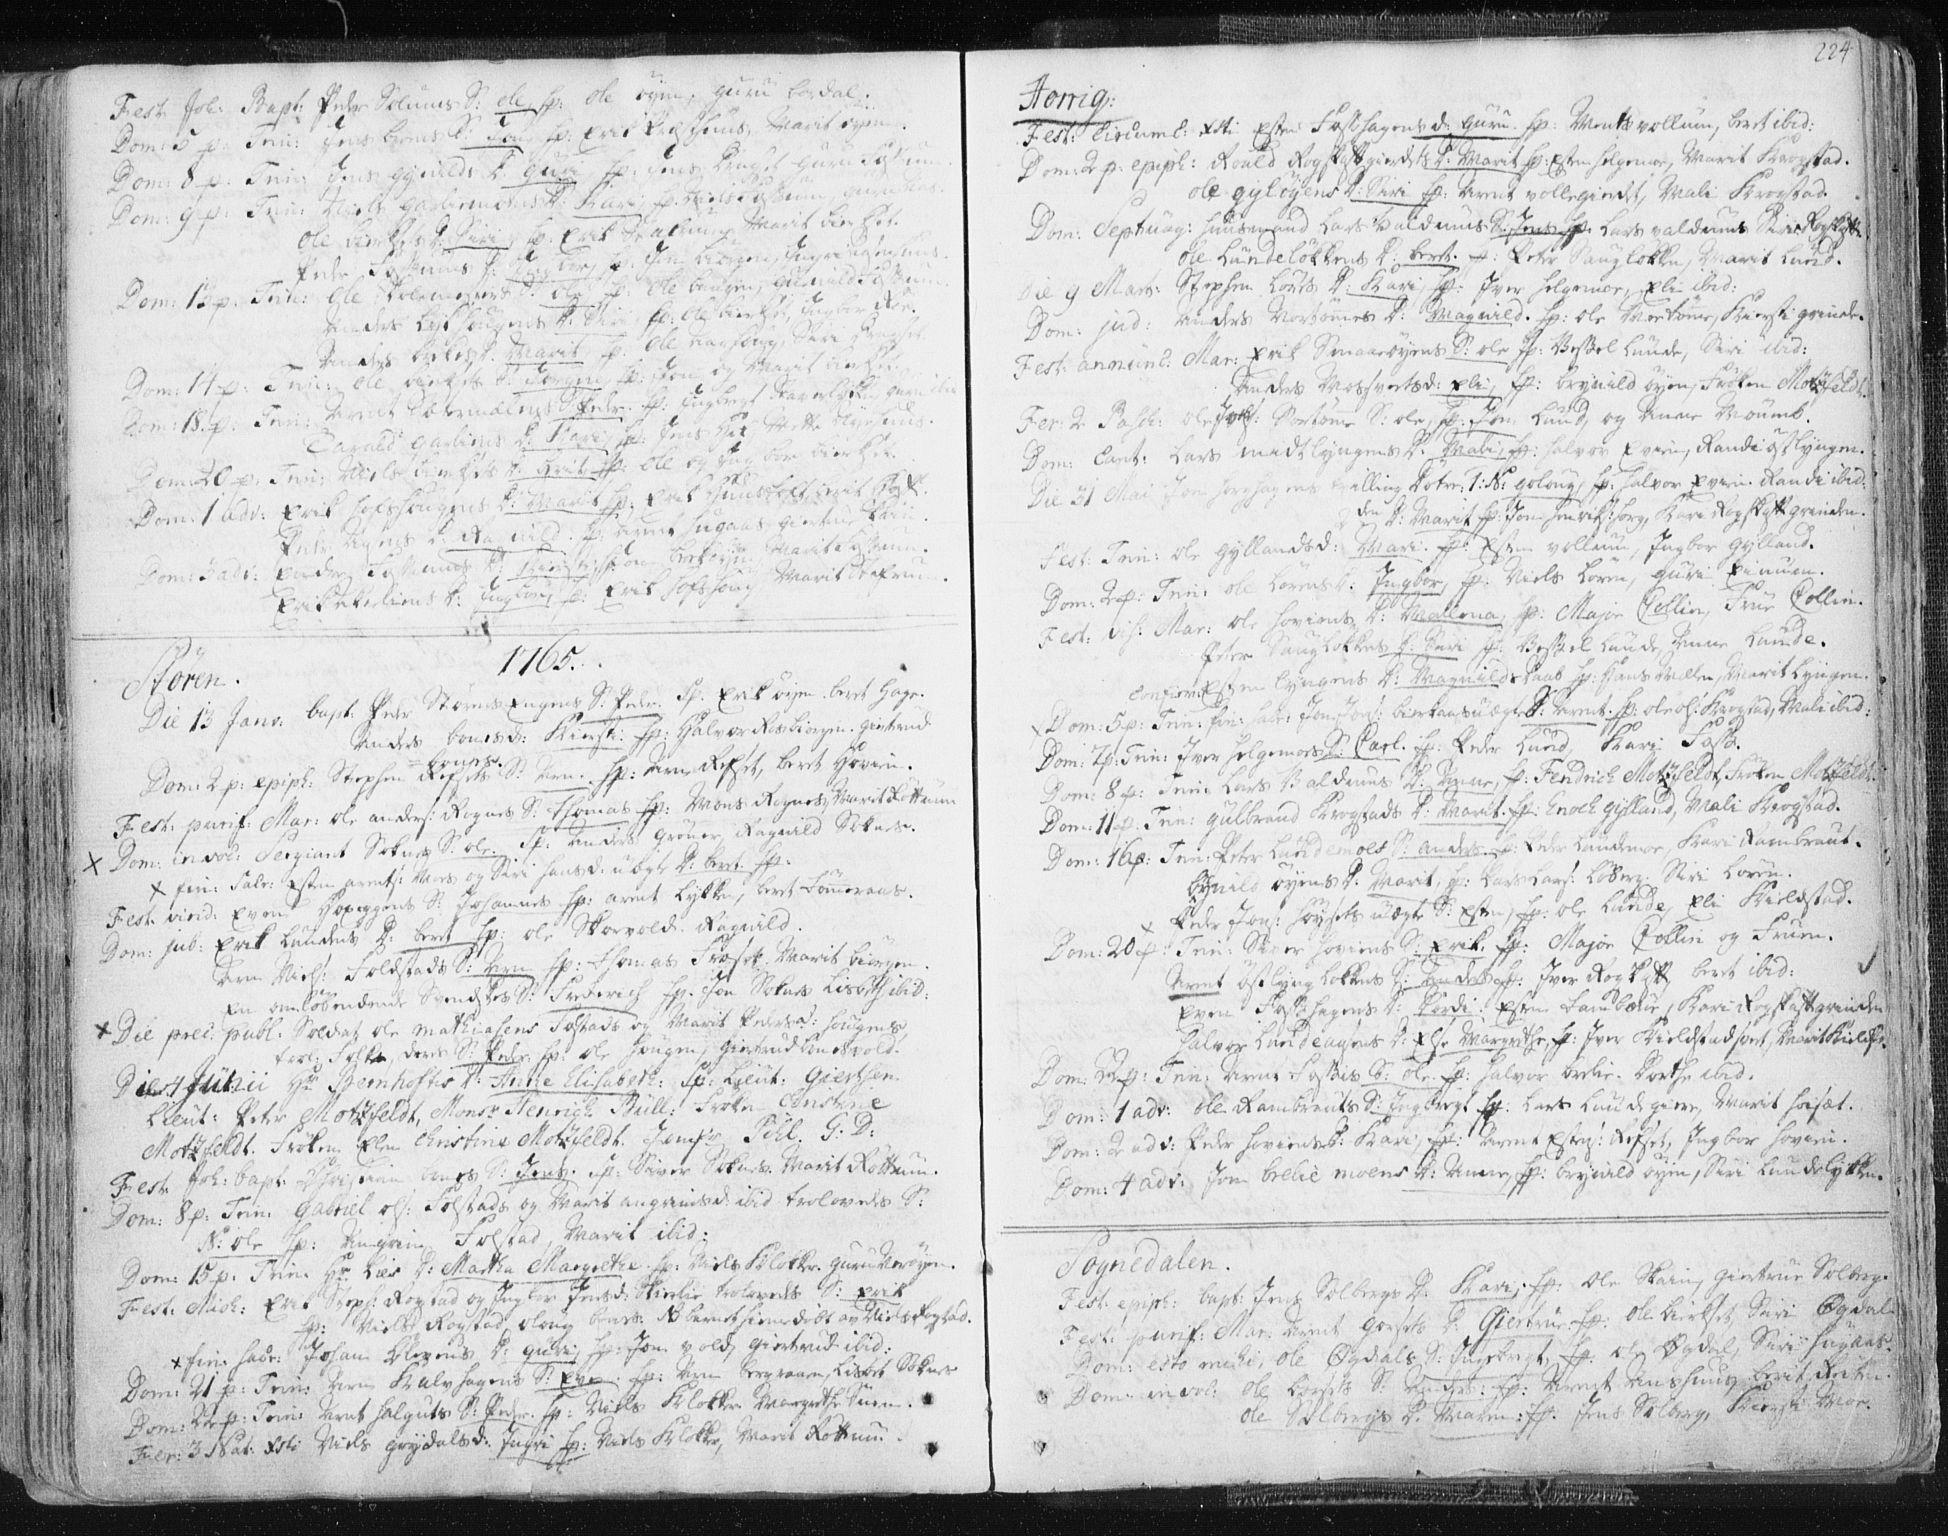 SAT, Ministerialprotokoller, klokkerbøker og fødselsregistre - Sør-Trøndelag, 687/L0991: Ministerialbok nr. 687A02, 1747-1790, s. 224